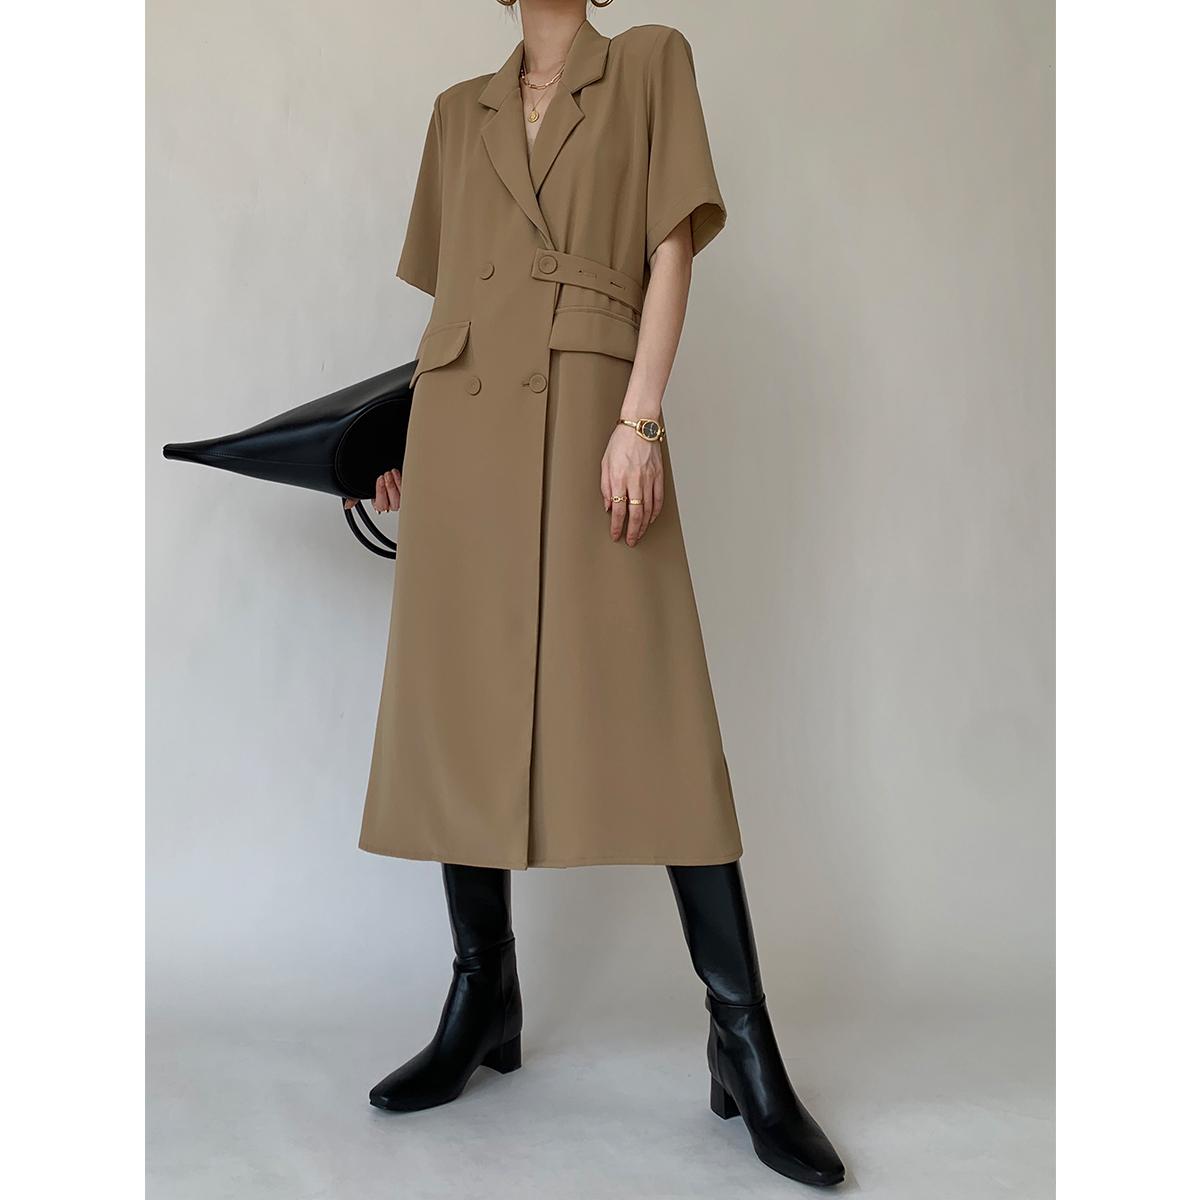 タオバオ仕入れ代行-ibuy99 长大衣女 PAPERLLL 辛间 长款夏季薄款短袖风衣外套女宽松腰带大衣外套长裙